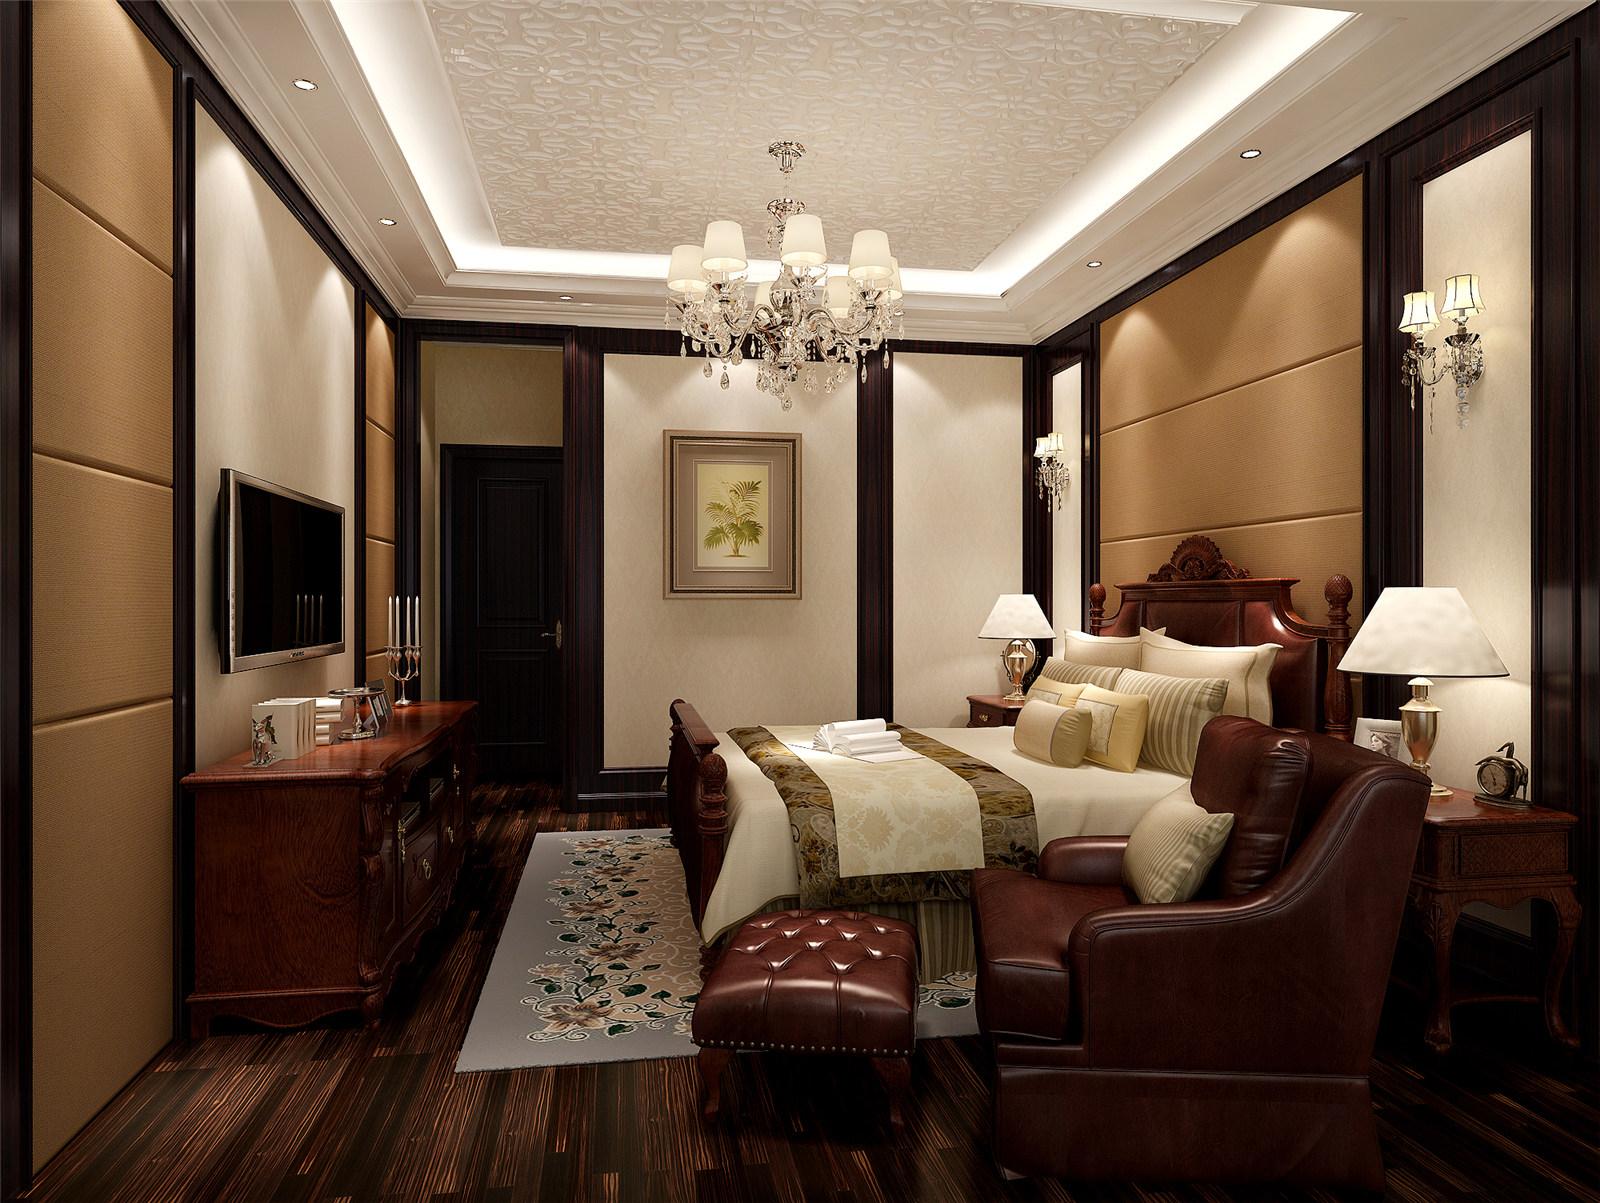 古北大城公 装修设计 美式风格 腾龙设计 季蓓菁作品 卧室图片来自腾龙设计在古北大城公馆装修美式风格设计的分享